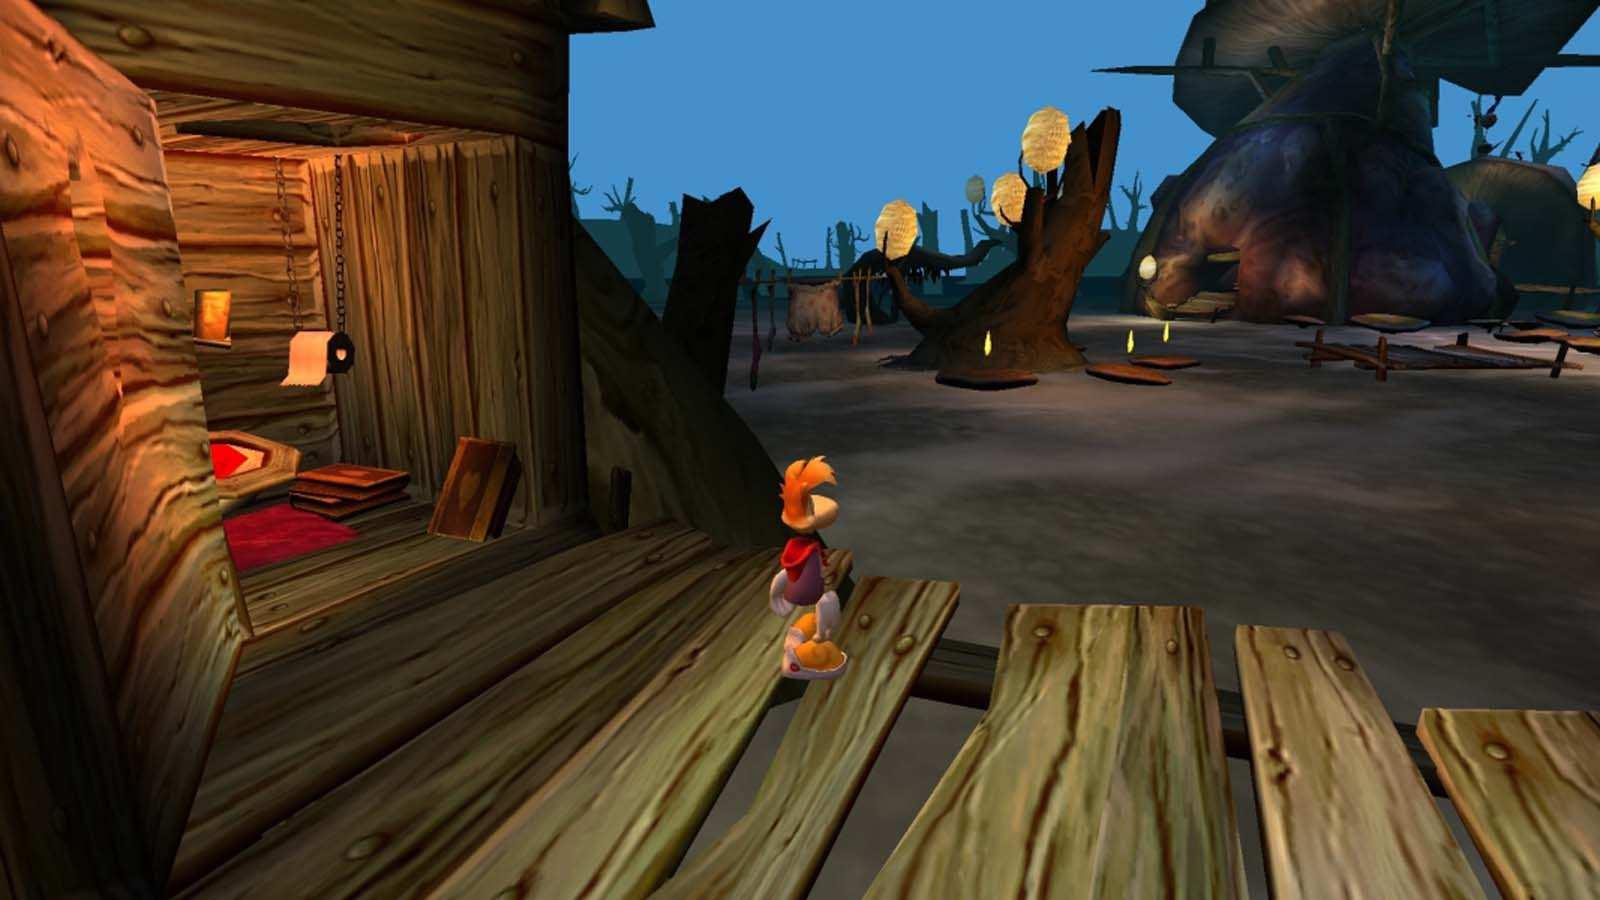 تحميل لعبة Rayman 3 مضغوطة برابط واحد مباشر + تورنت كاملة مجانا